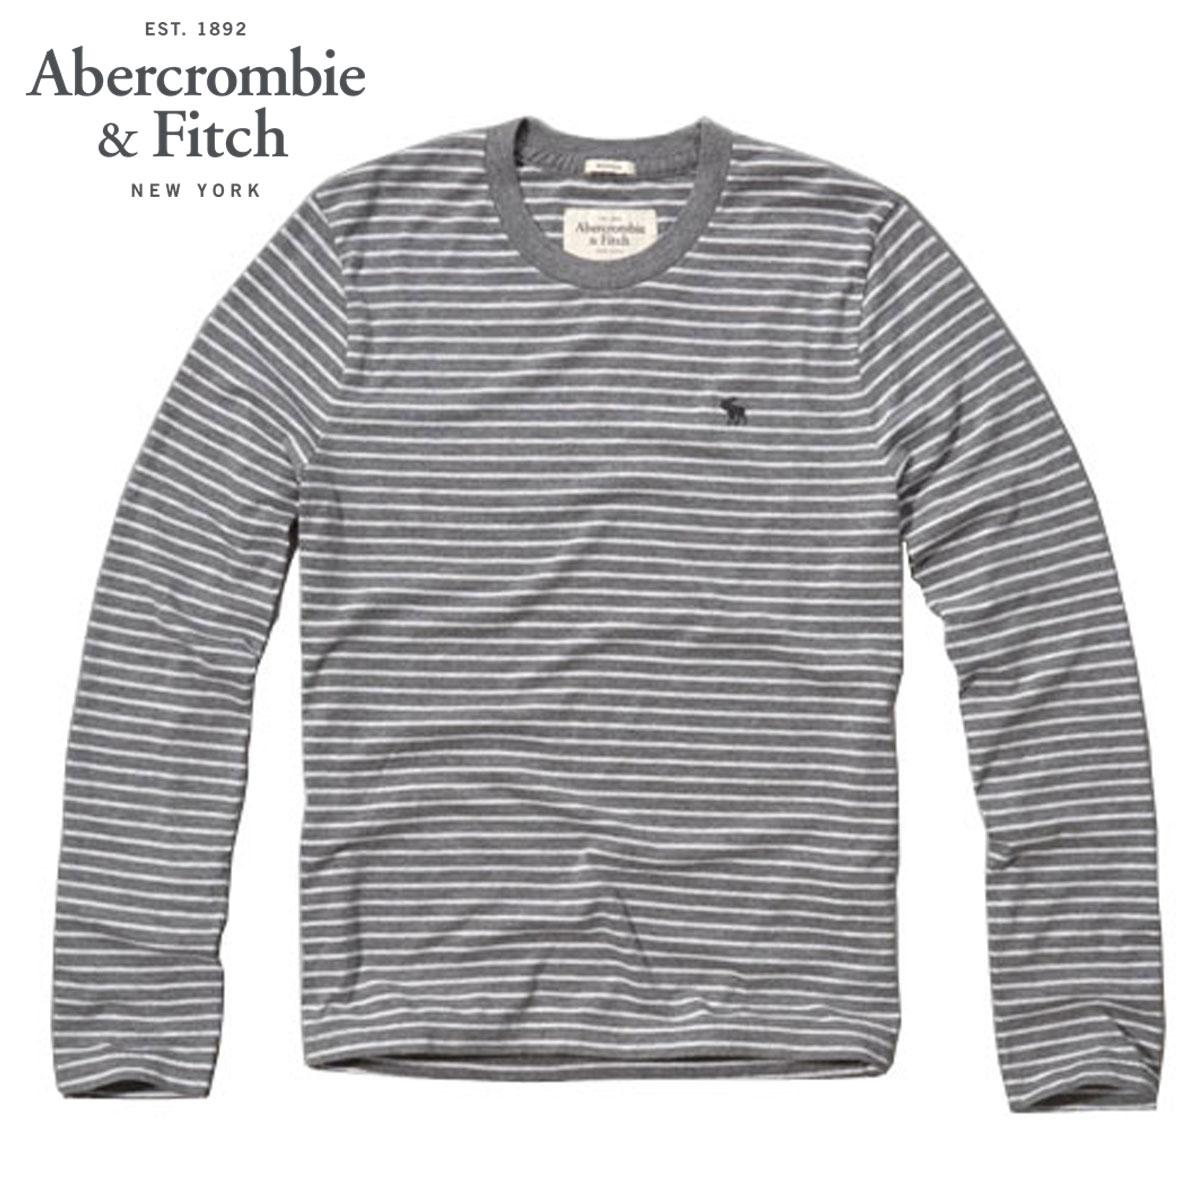 アバクロ Abercrombie&Fitch 正規品 メンズ 長袖Tシャツ Panther Gorge Tee 124-236-0648-015 D20S30